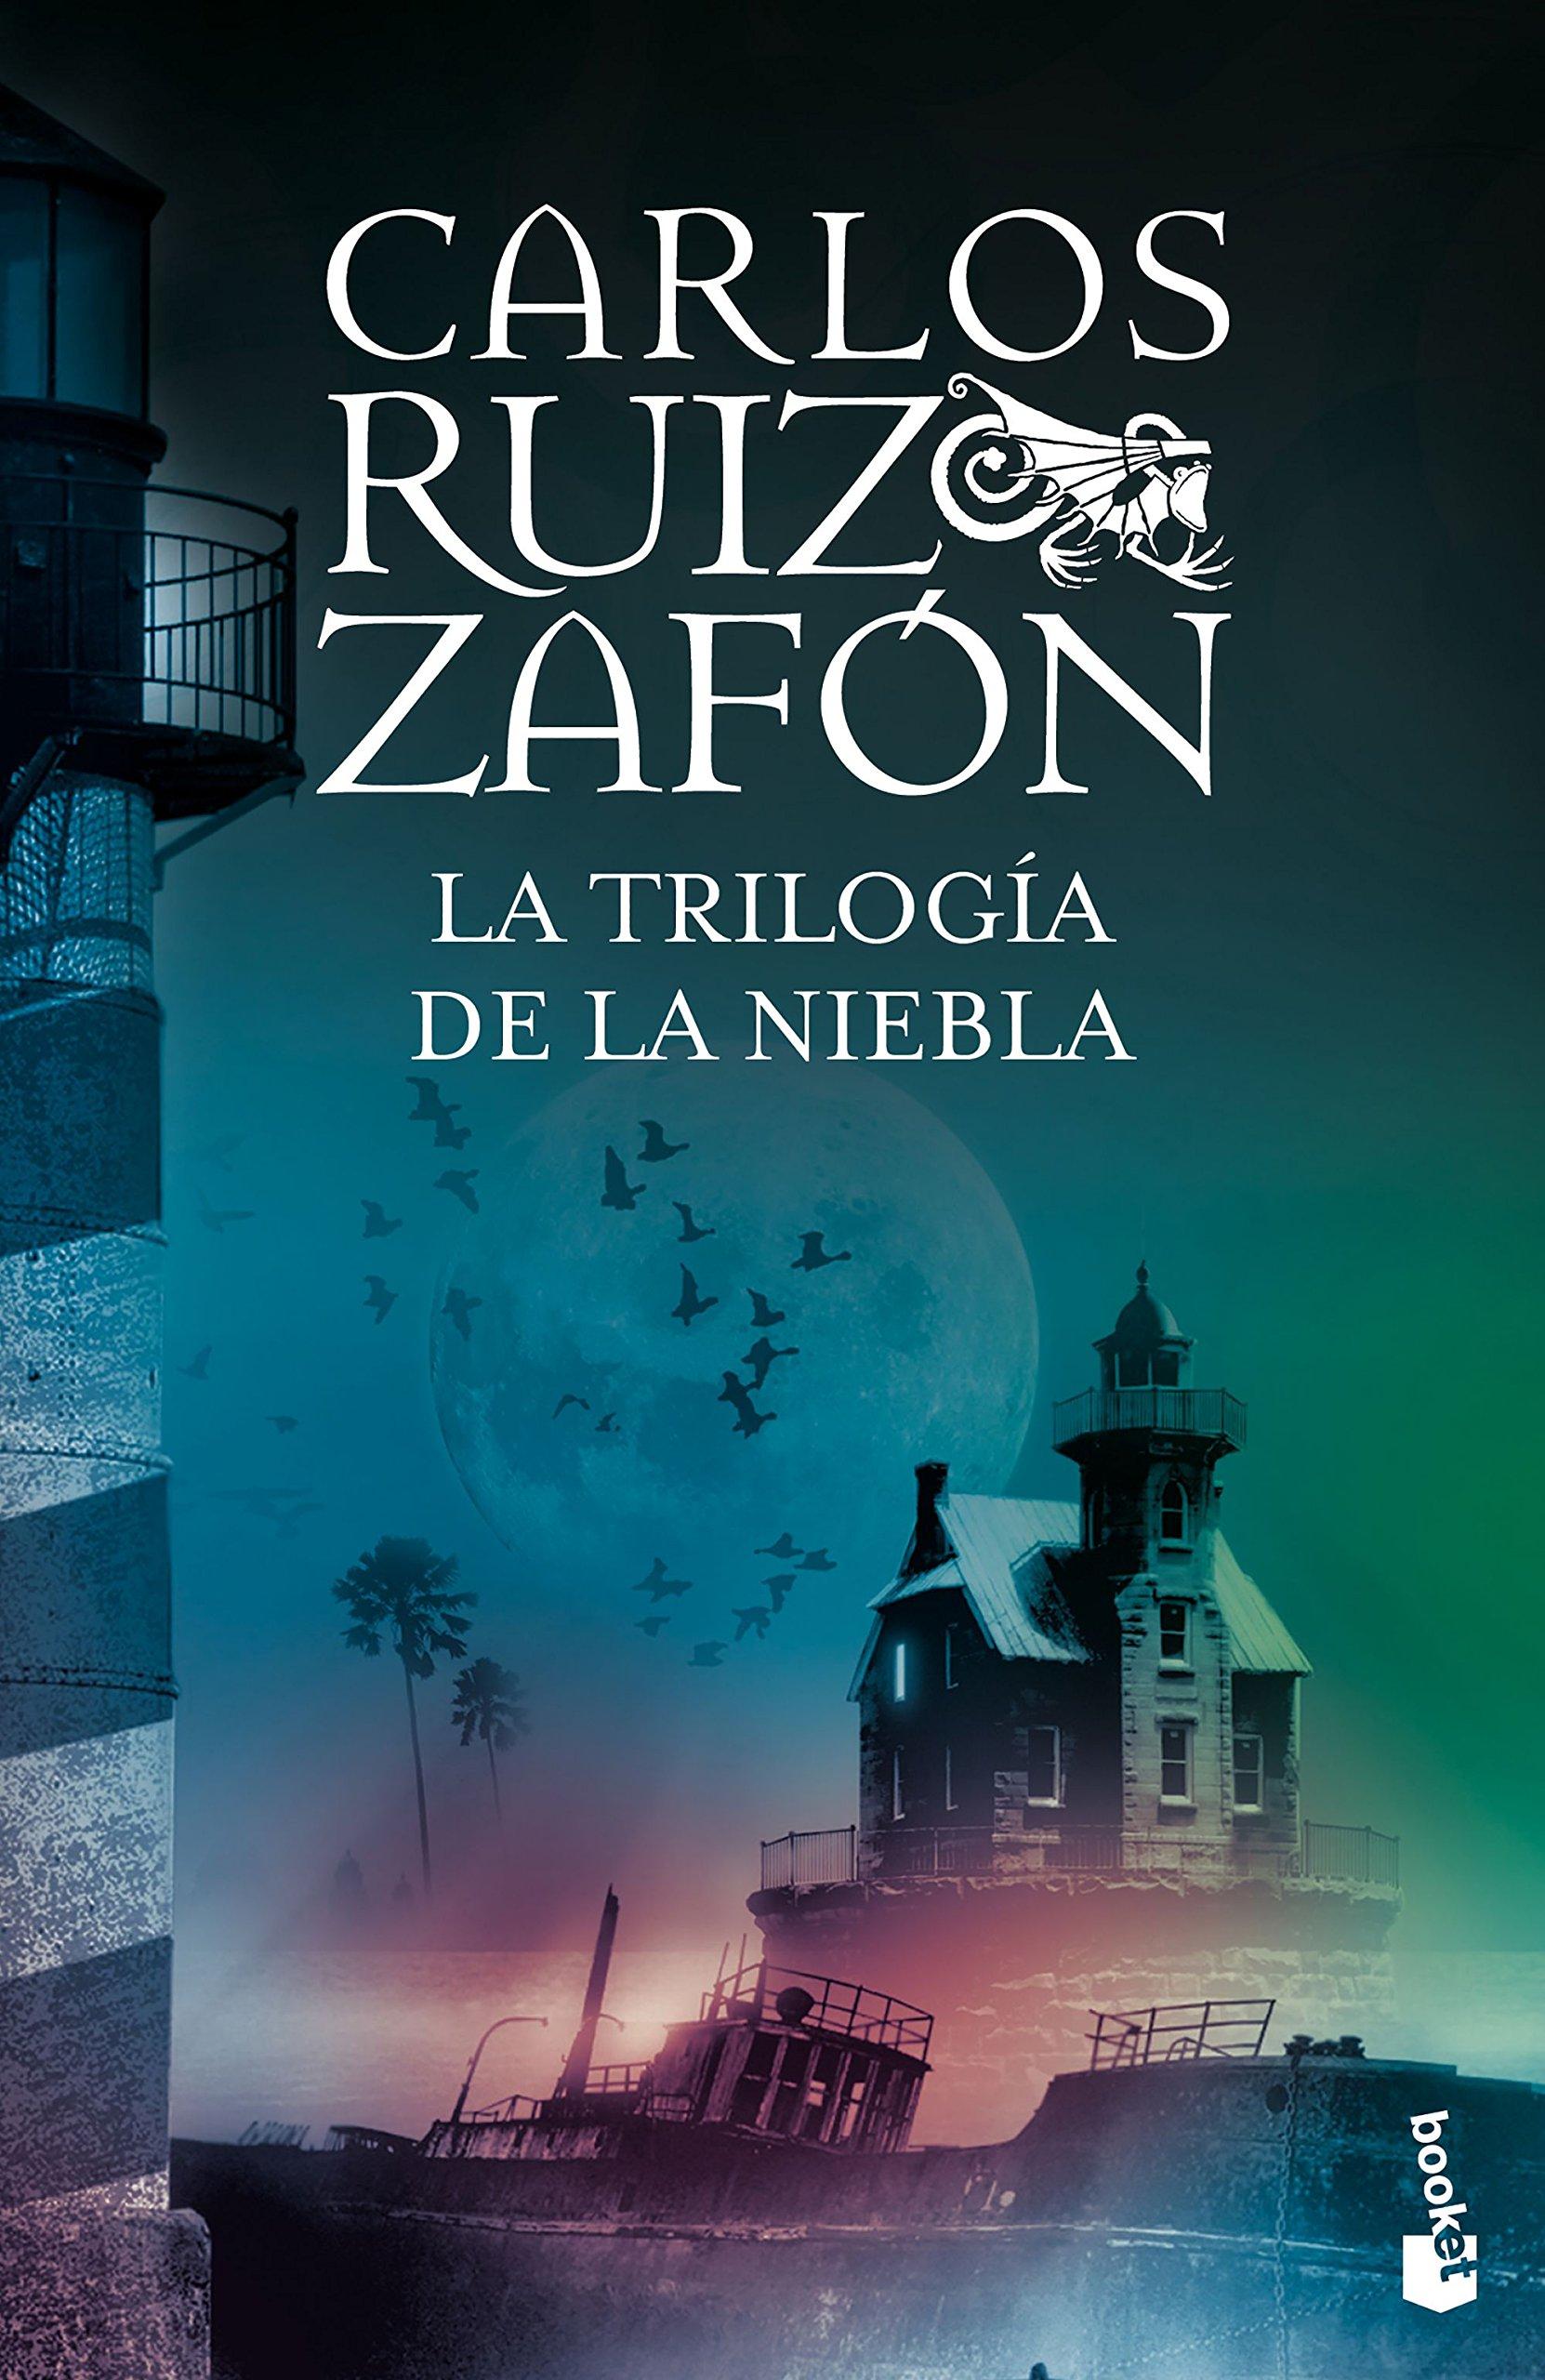 La Trilogía de la Niebla Biblioteca Carlos Ruiz Zafón: Amazon.es ...